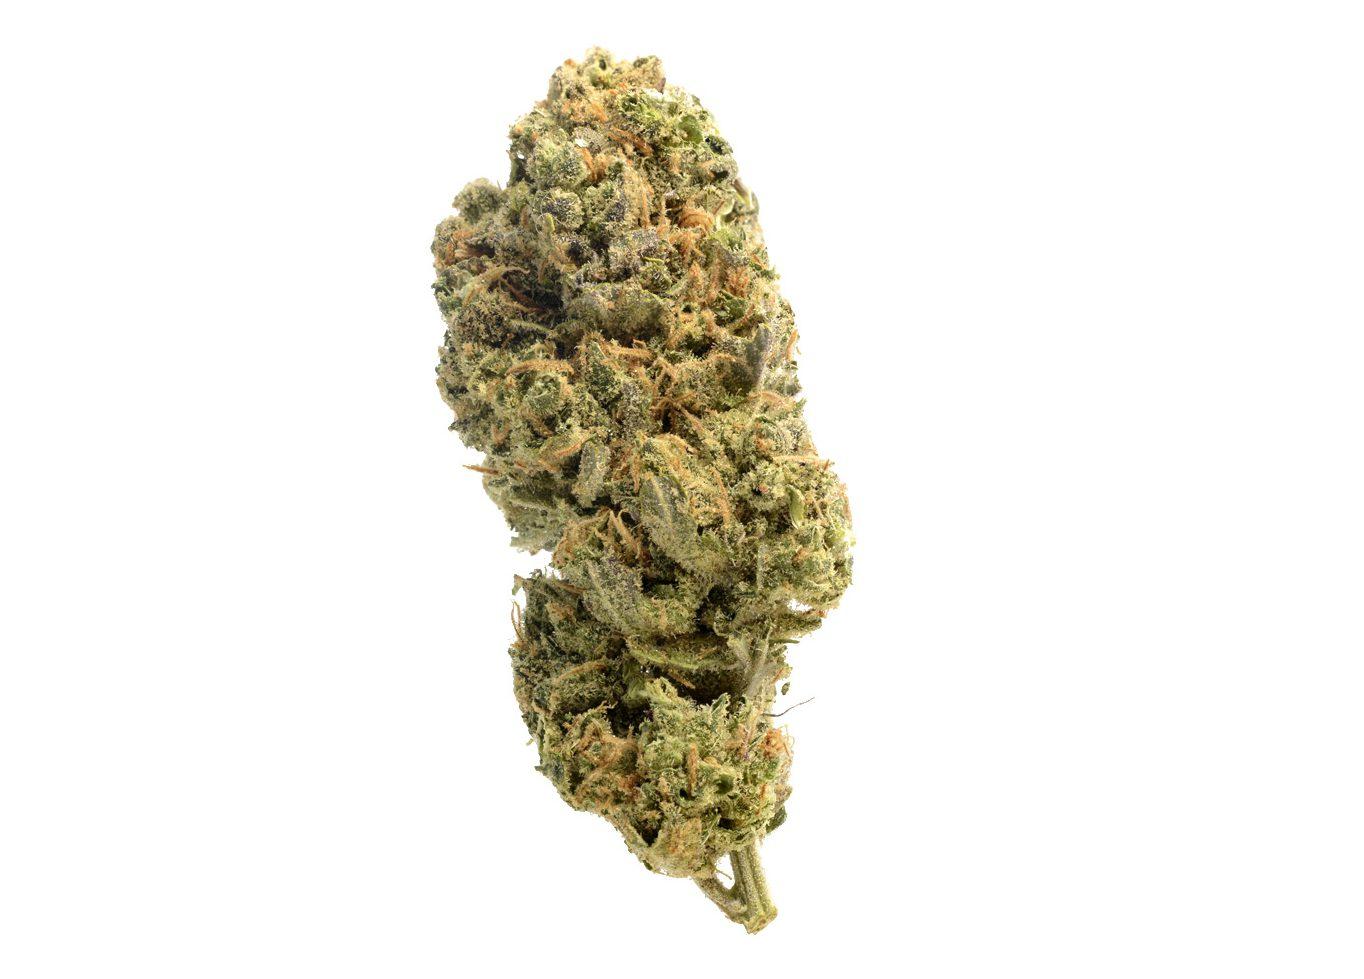 Grapefruit Superstar cannabis